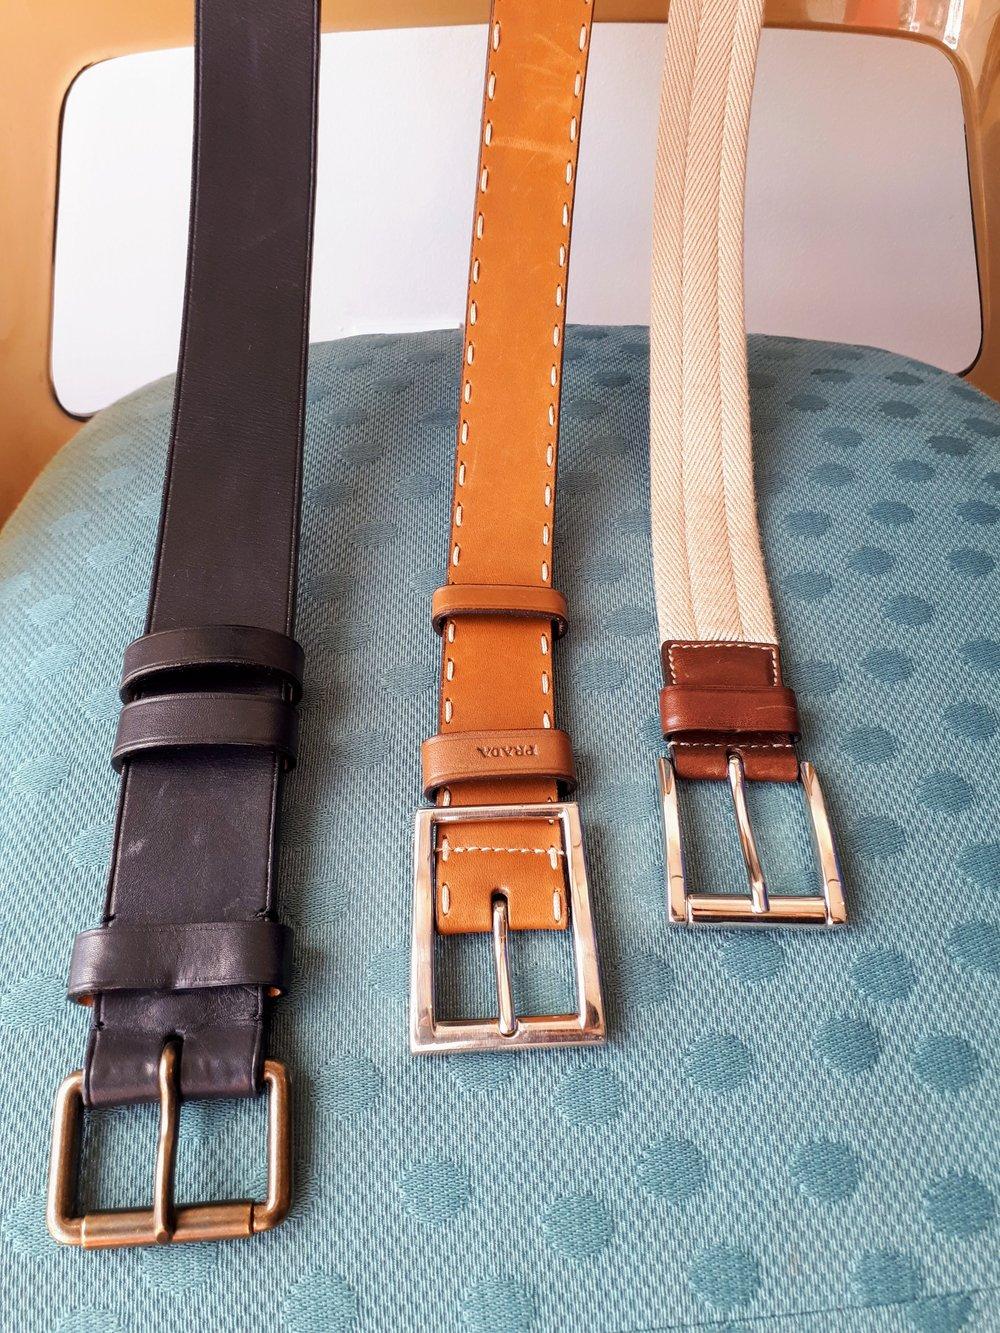 Louis Vuitton belt, $48; Tan Prada belt, $46; Light Prada belt, $40